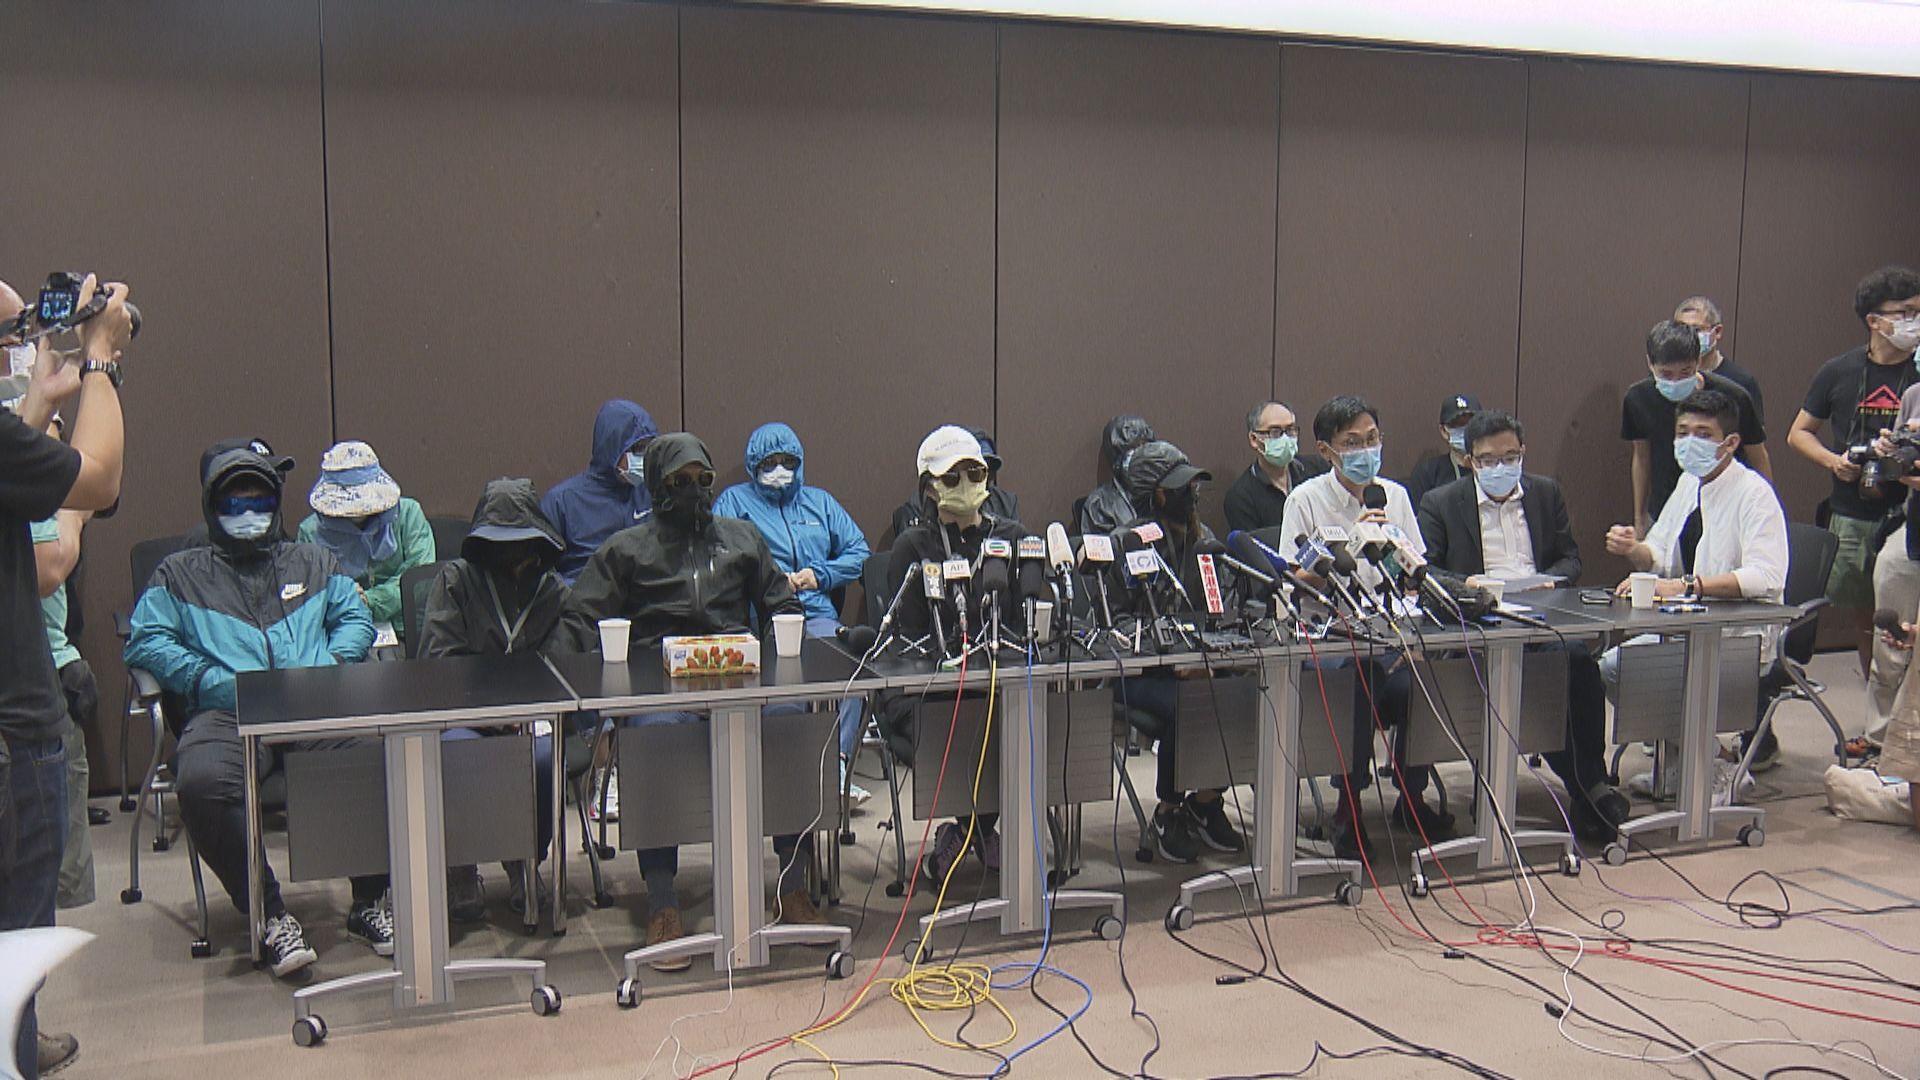 12港人家屬對正式逮捕感震驚和憂心 促停止秘密羈押